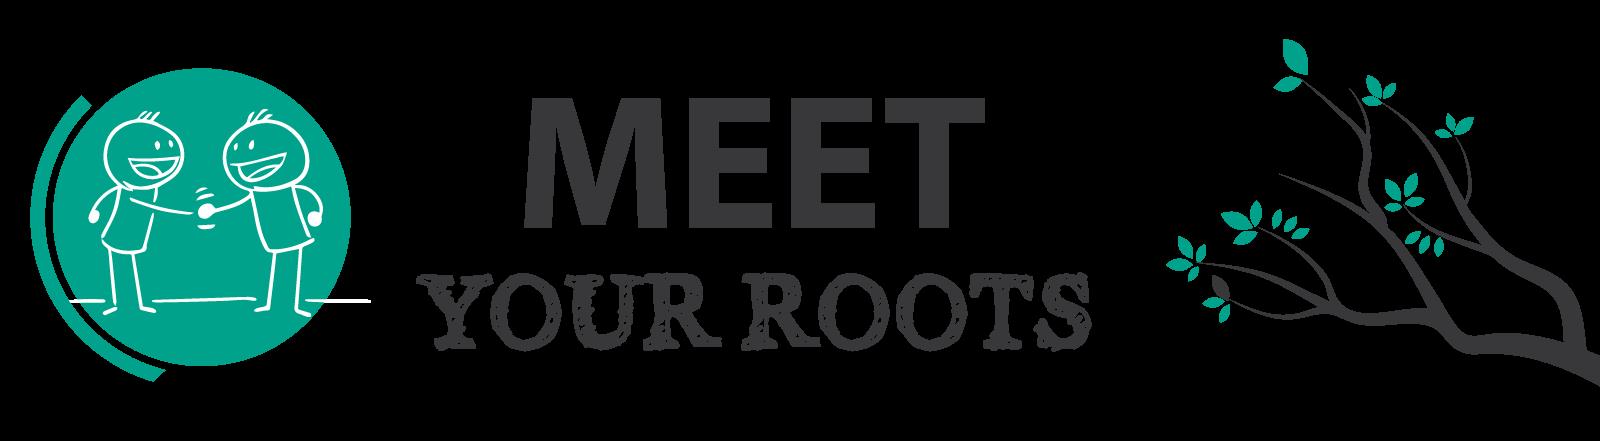 meet service details